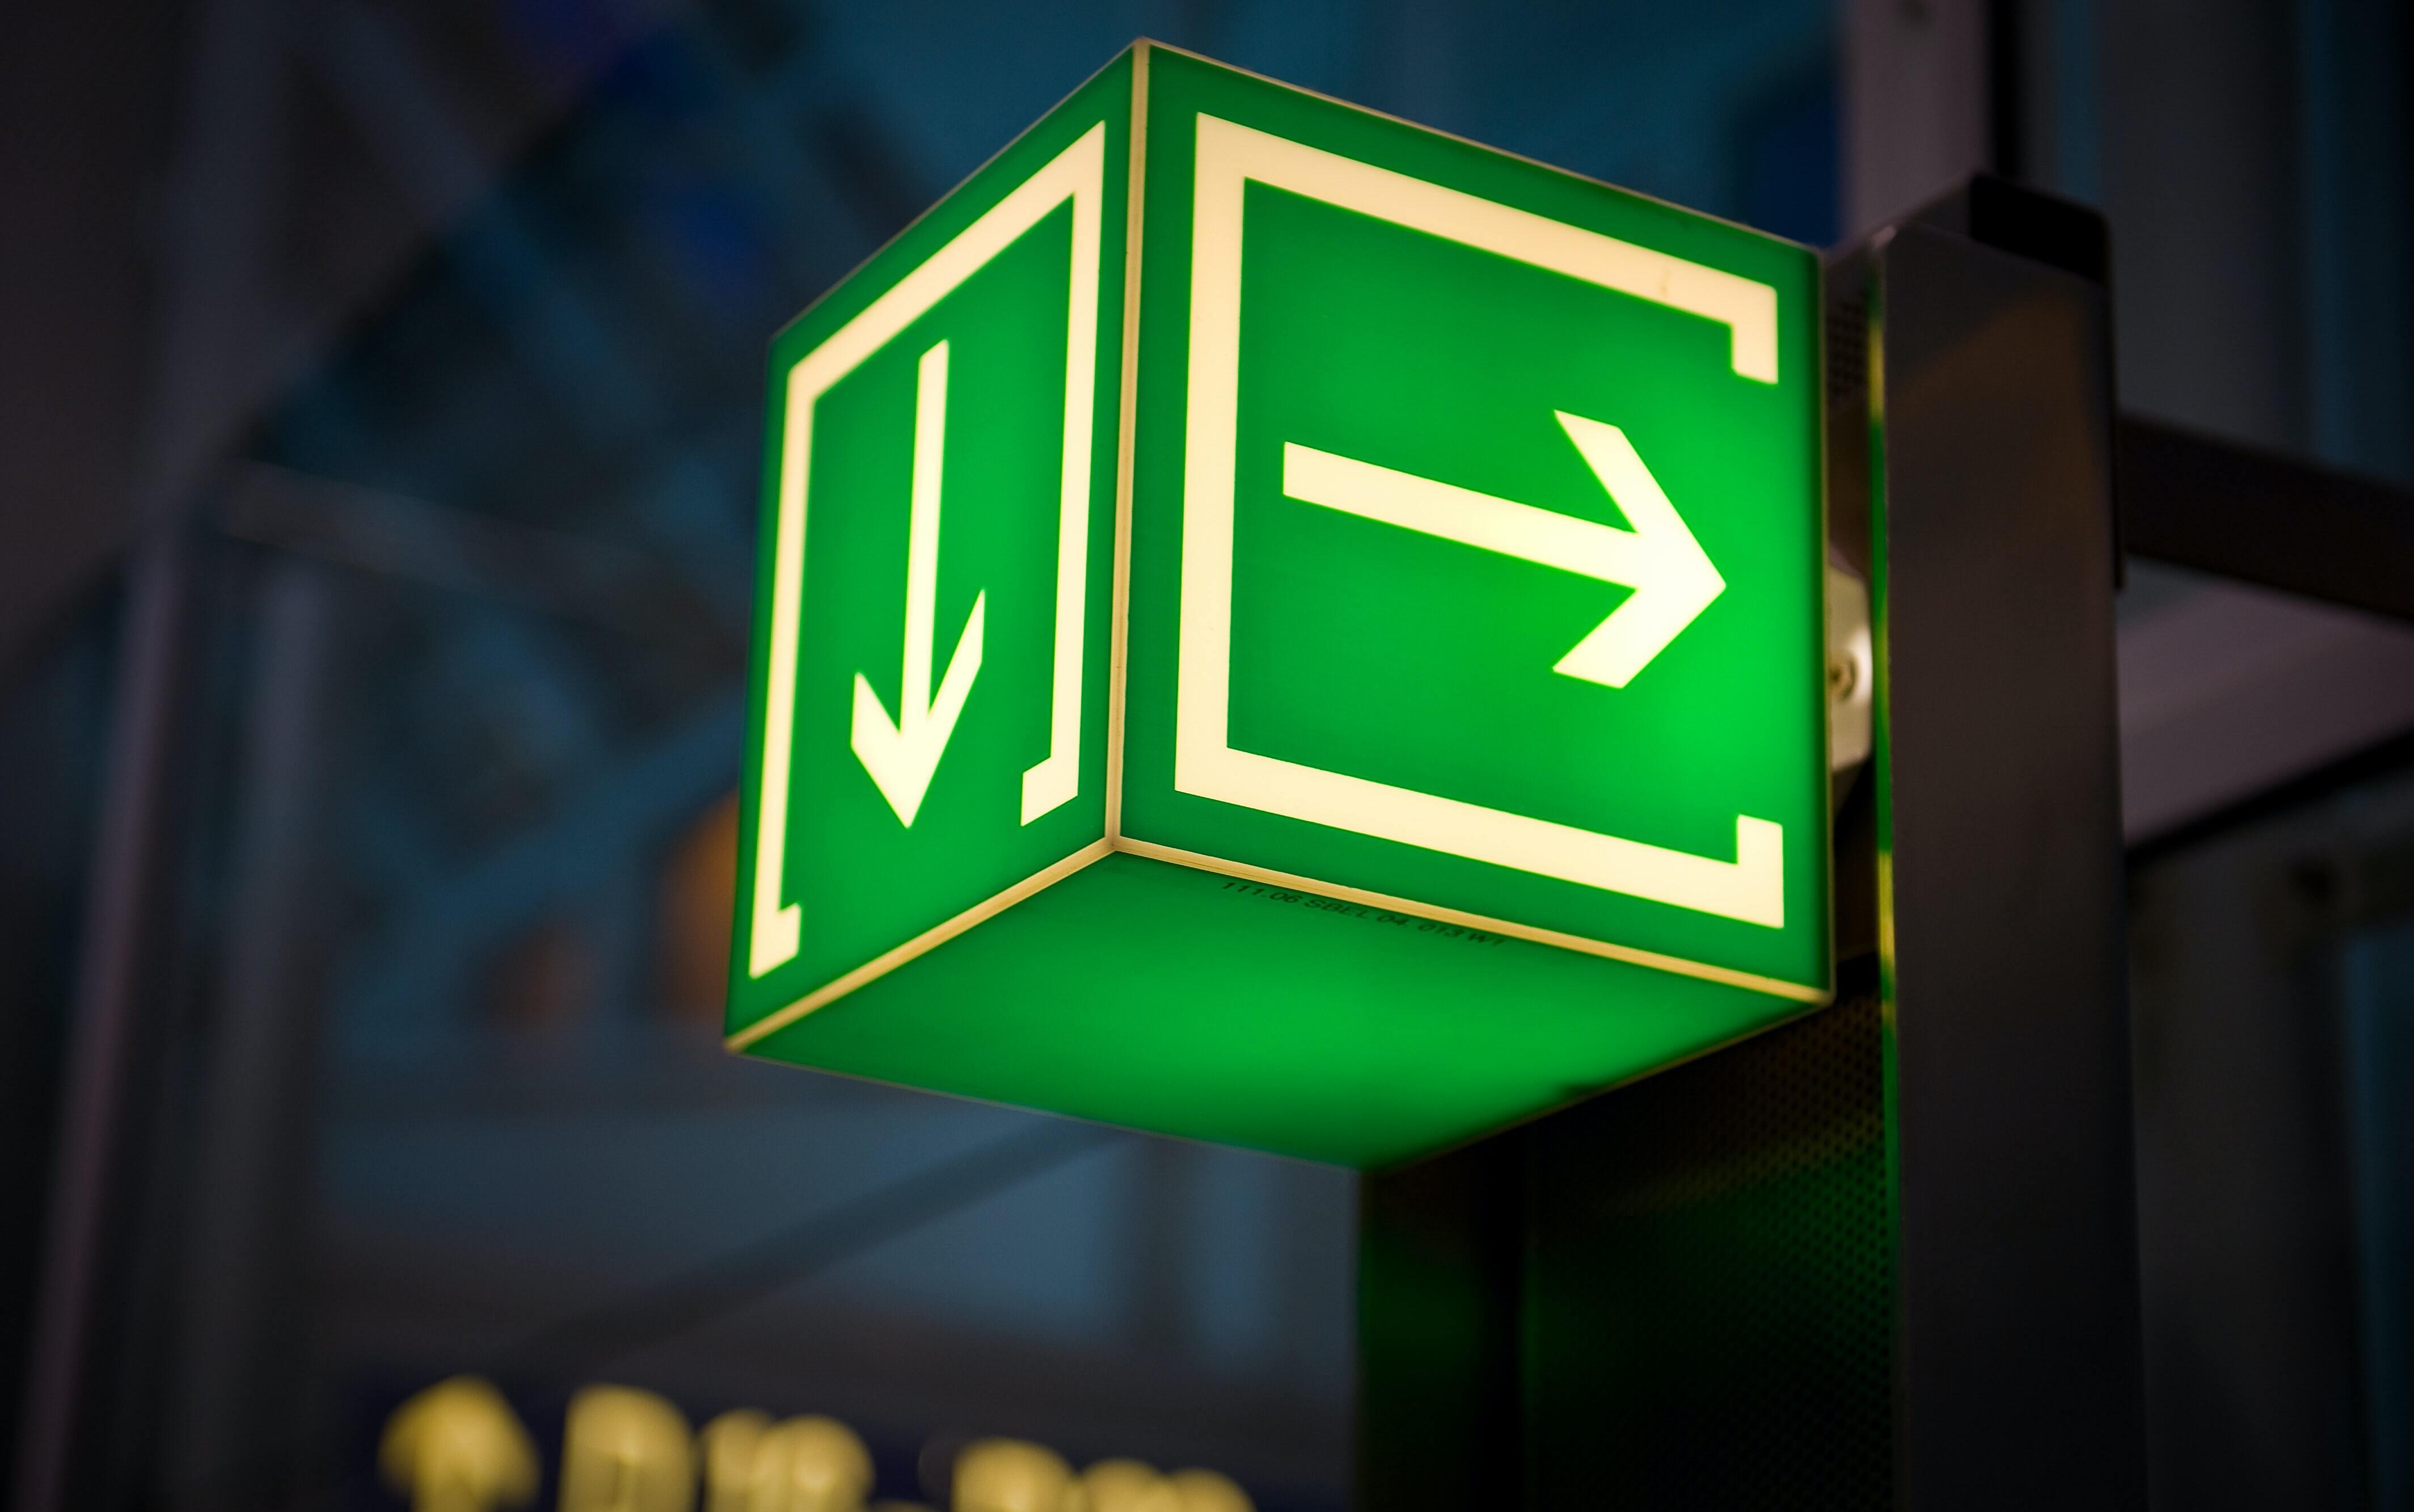 Signage arrows